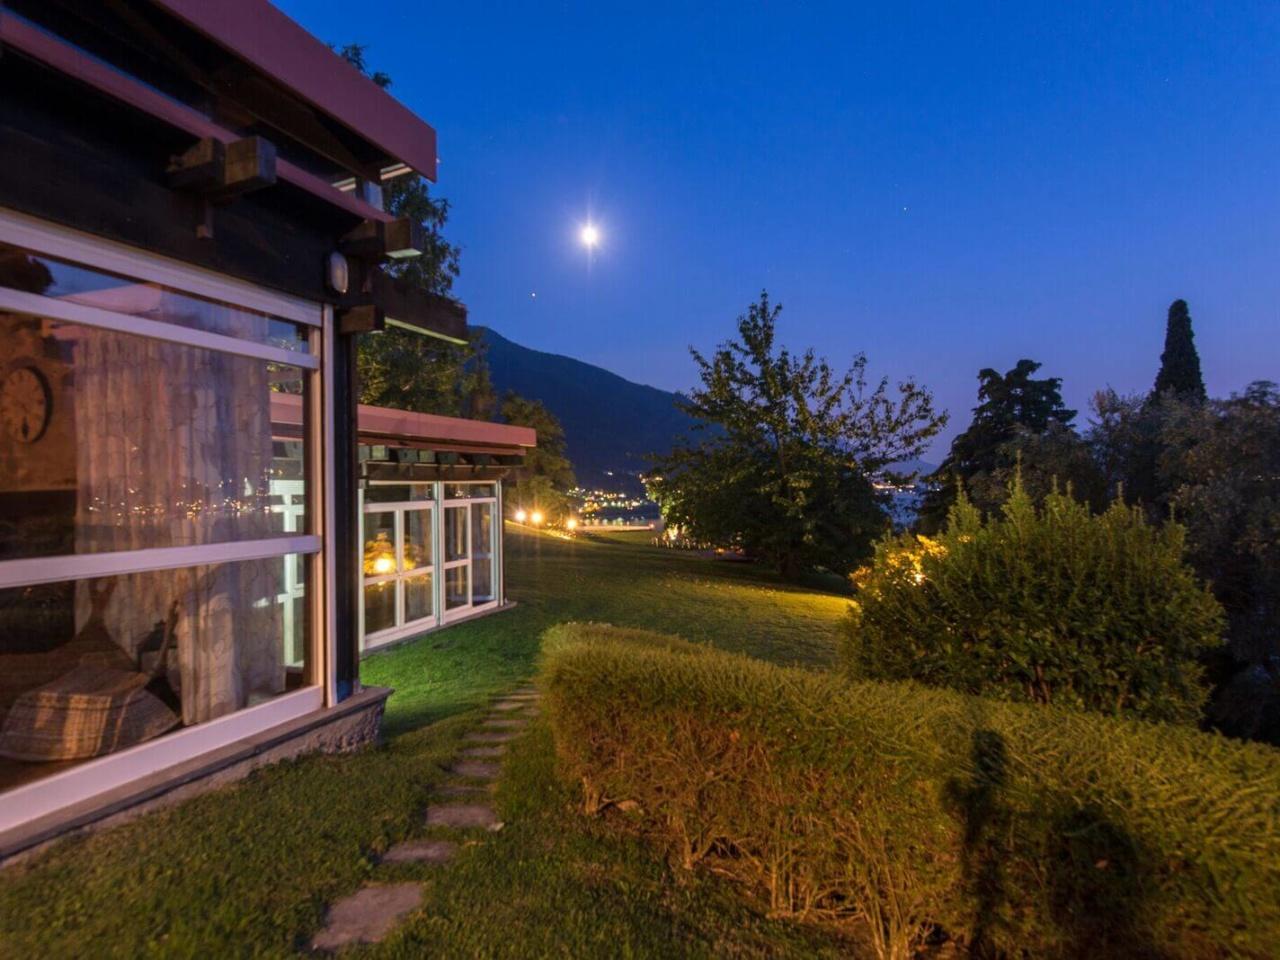 villa-meraviglia-colico-30-notturna-della-villa-2